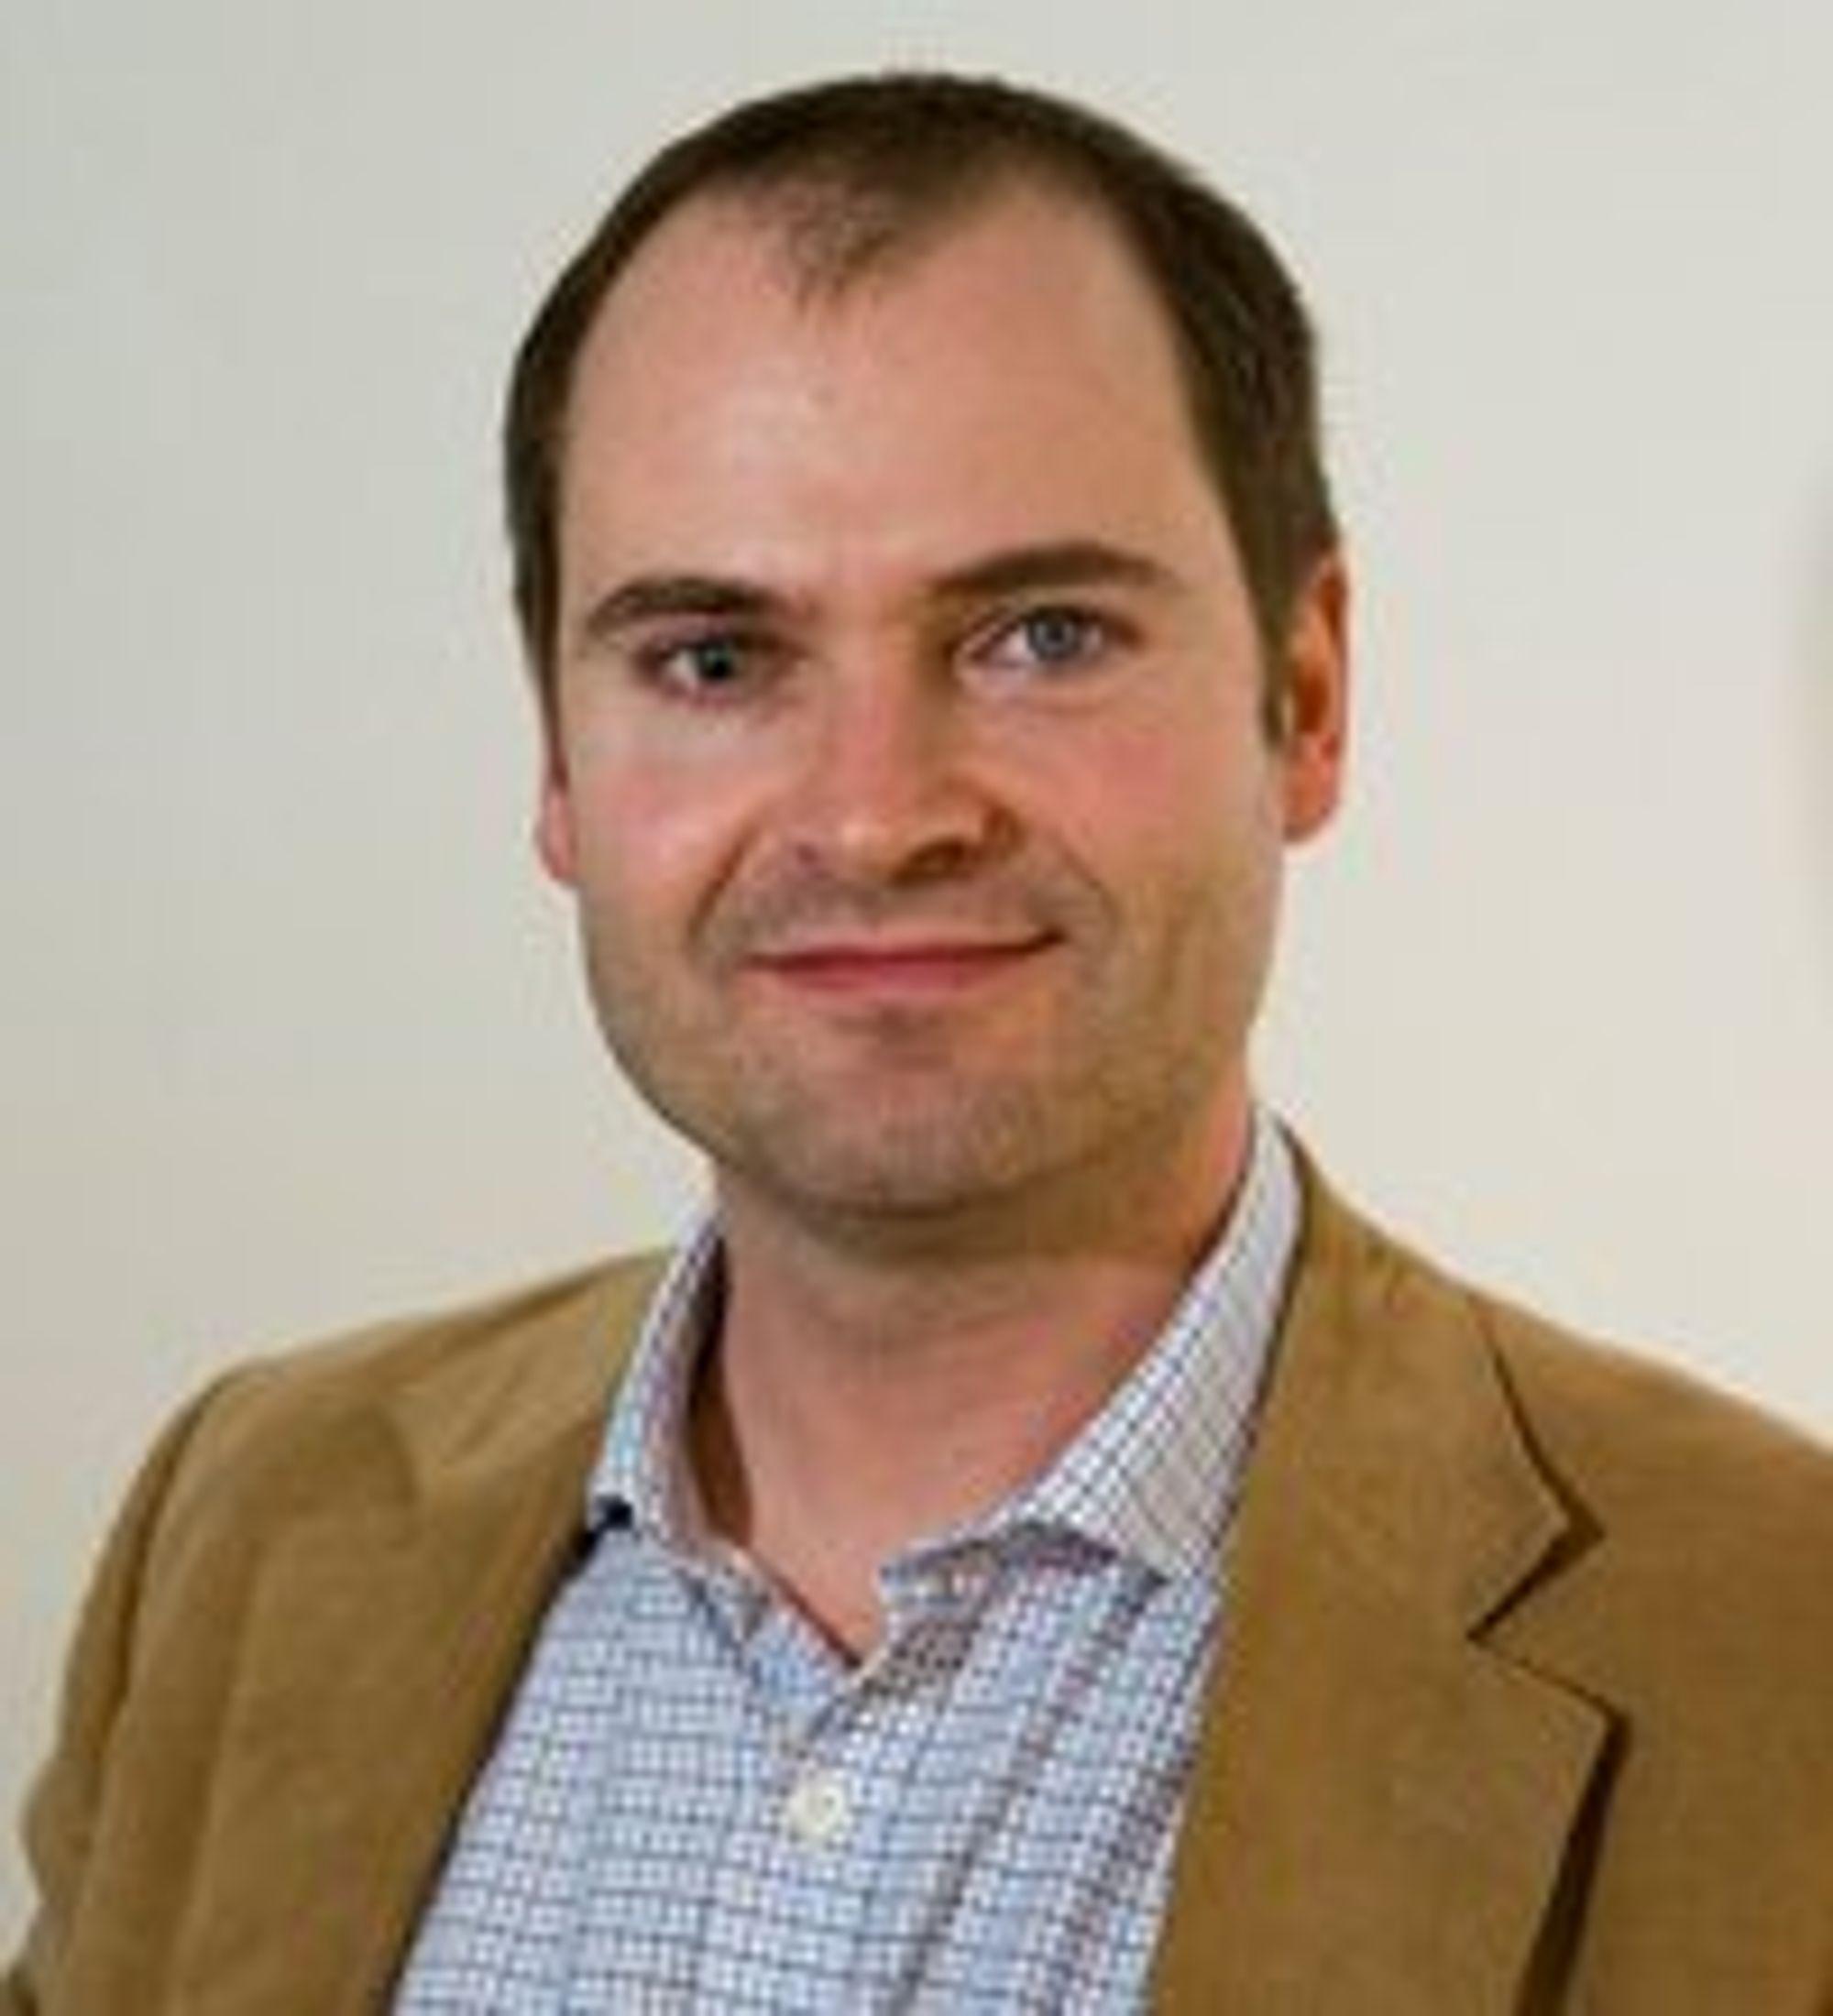 Ansvarlig redaktør og administrerende direktør Petter Danbolt i Aller Internett AS.